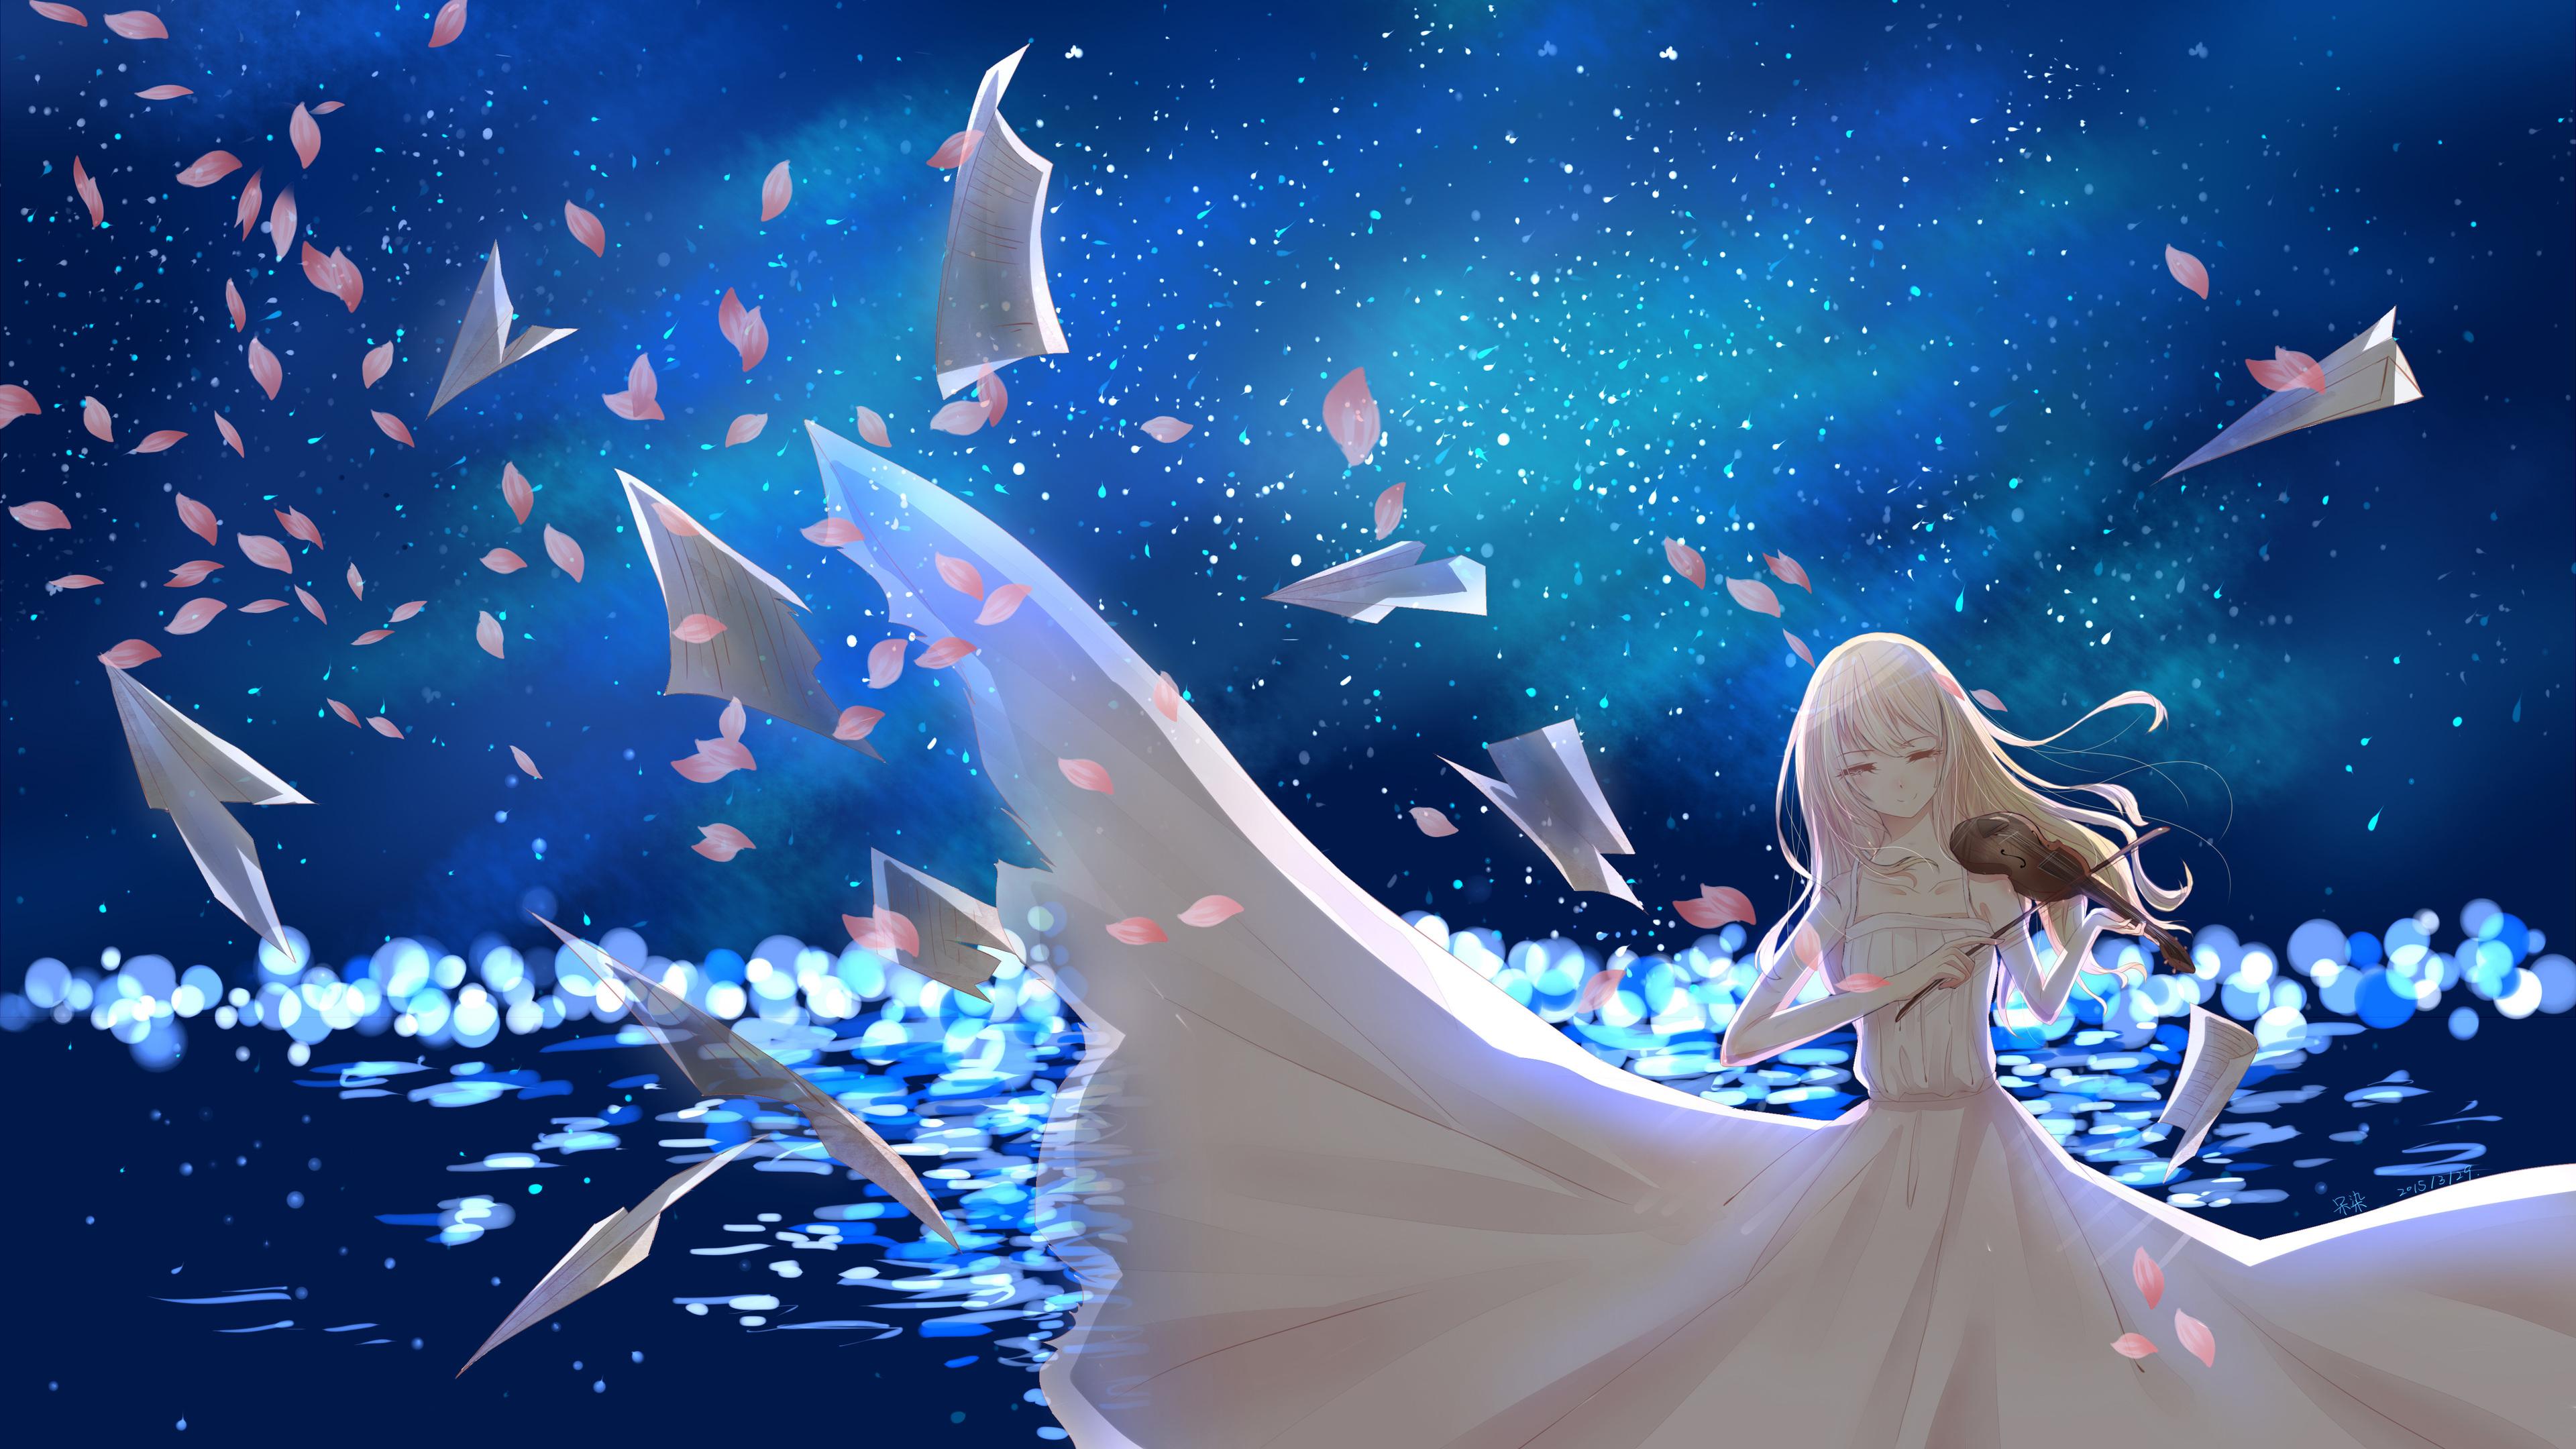 kaori miyazono your lie in april 4k 1541974153 - Kaori Miyazono Your Lie In April 4k - your lie in april wallpapers, hd-wallpapers, digital art wallpapers, artwork wallpapers, artist wallpapers, anime wallpapers, anime girl wallpapers, 4k-wallpapers